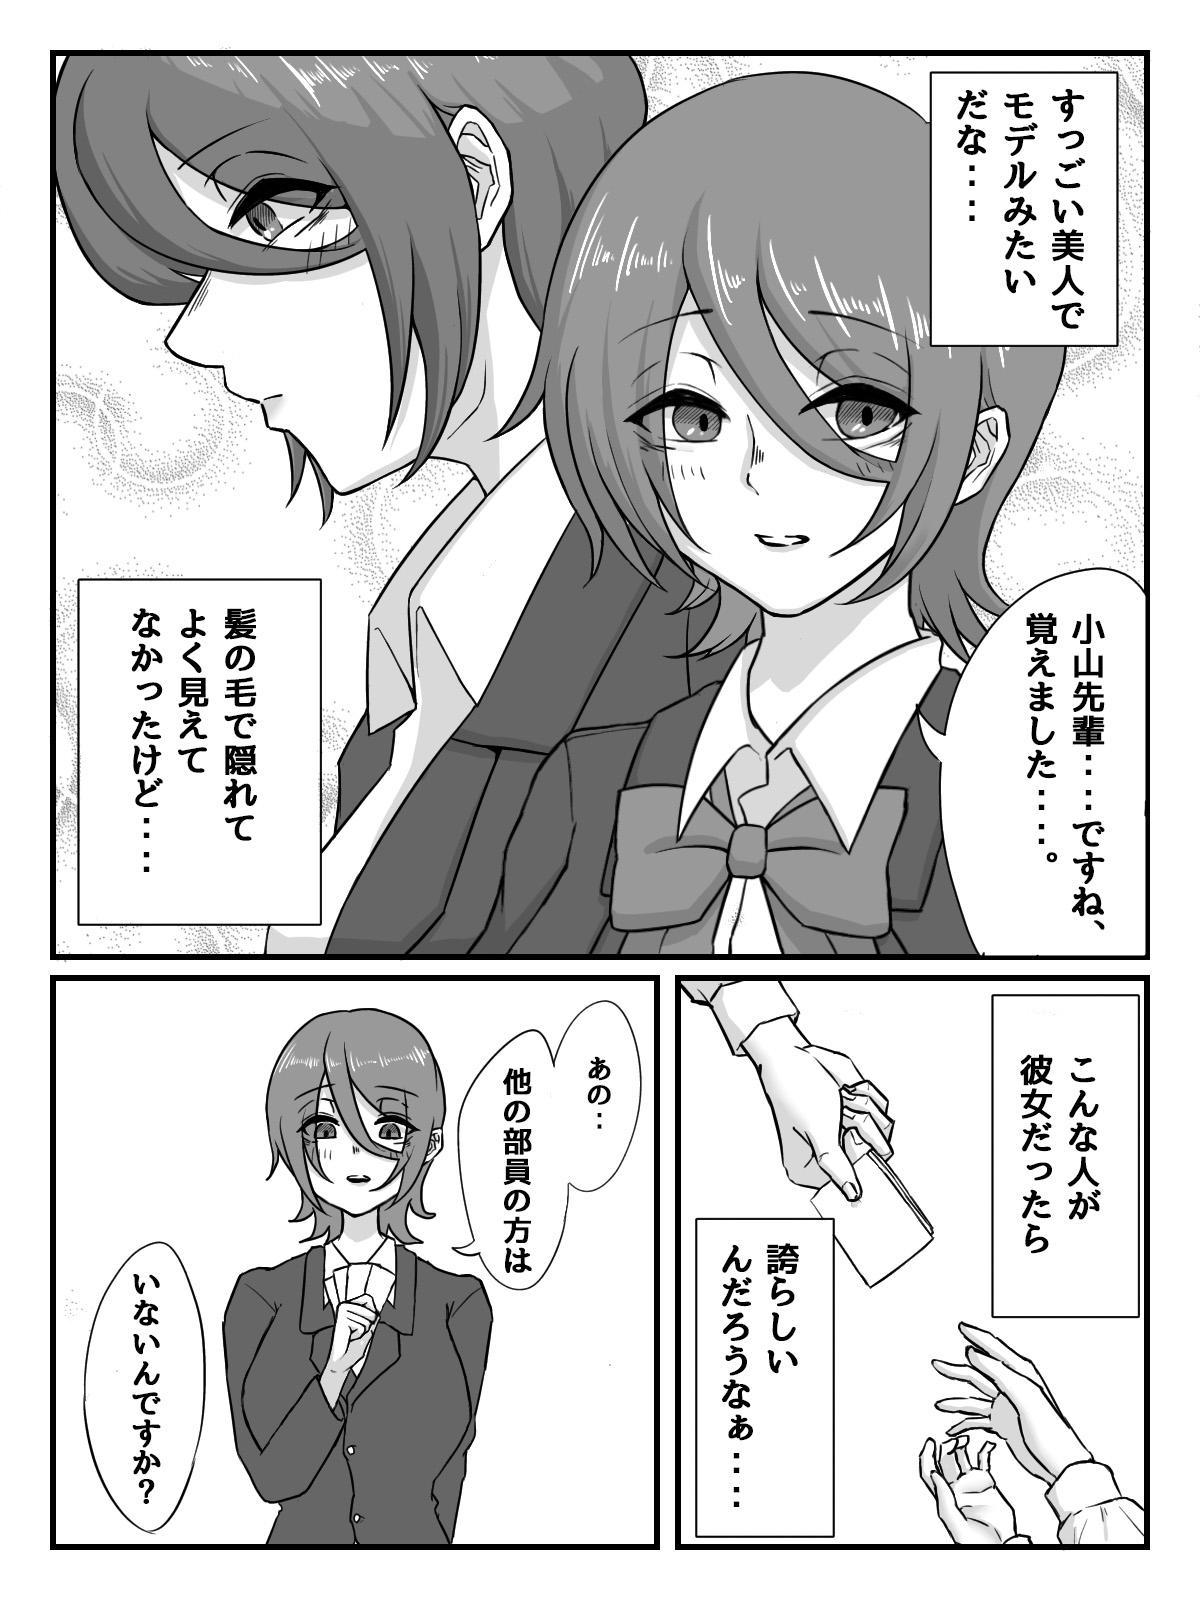 Kouhai JK ni Seigangu ni Sarechau Hanashi 10